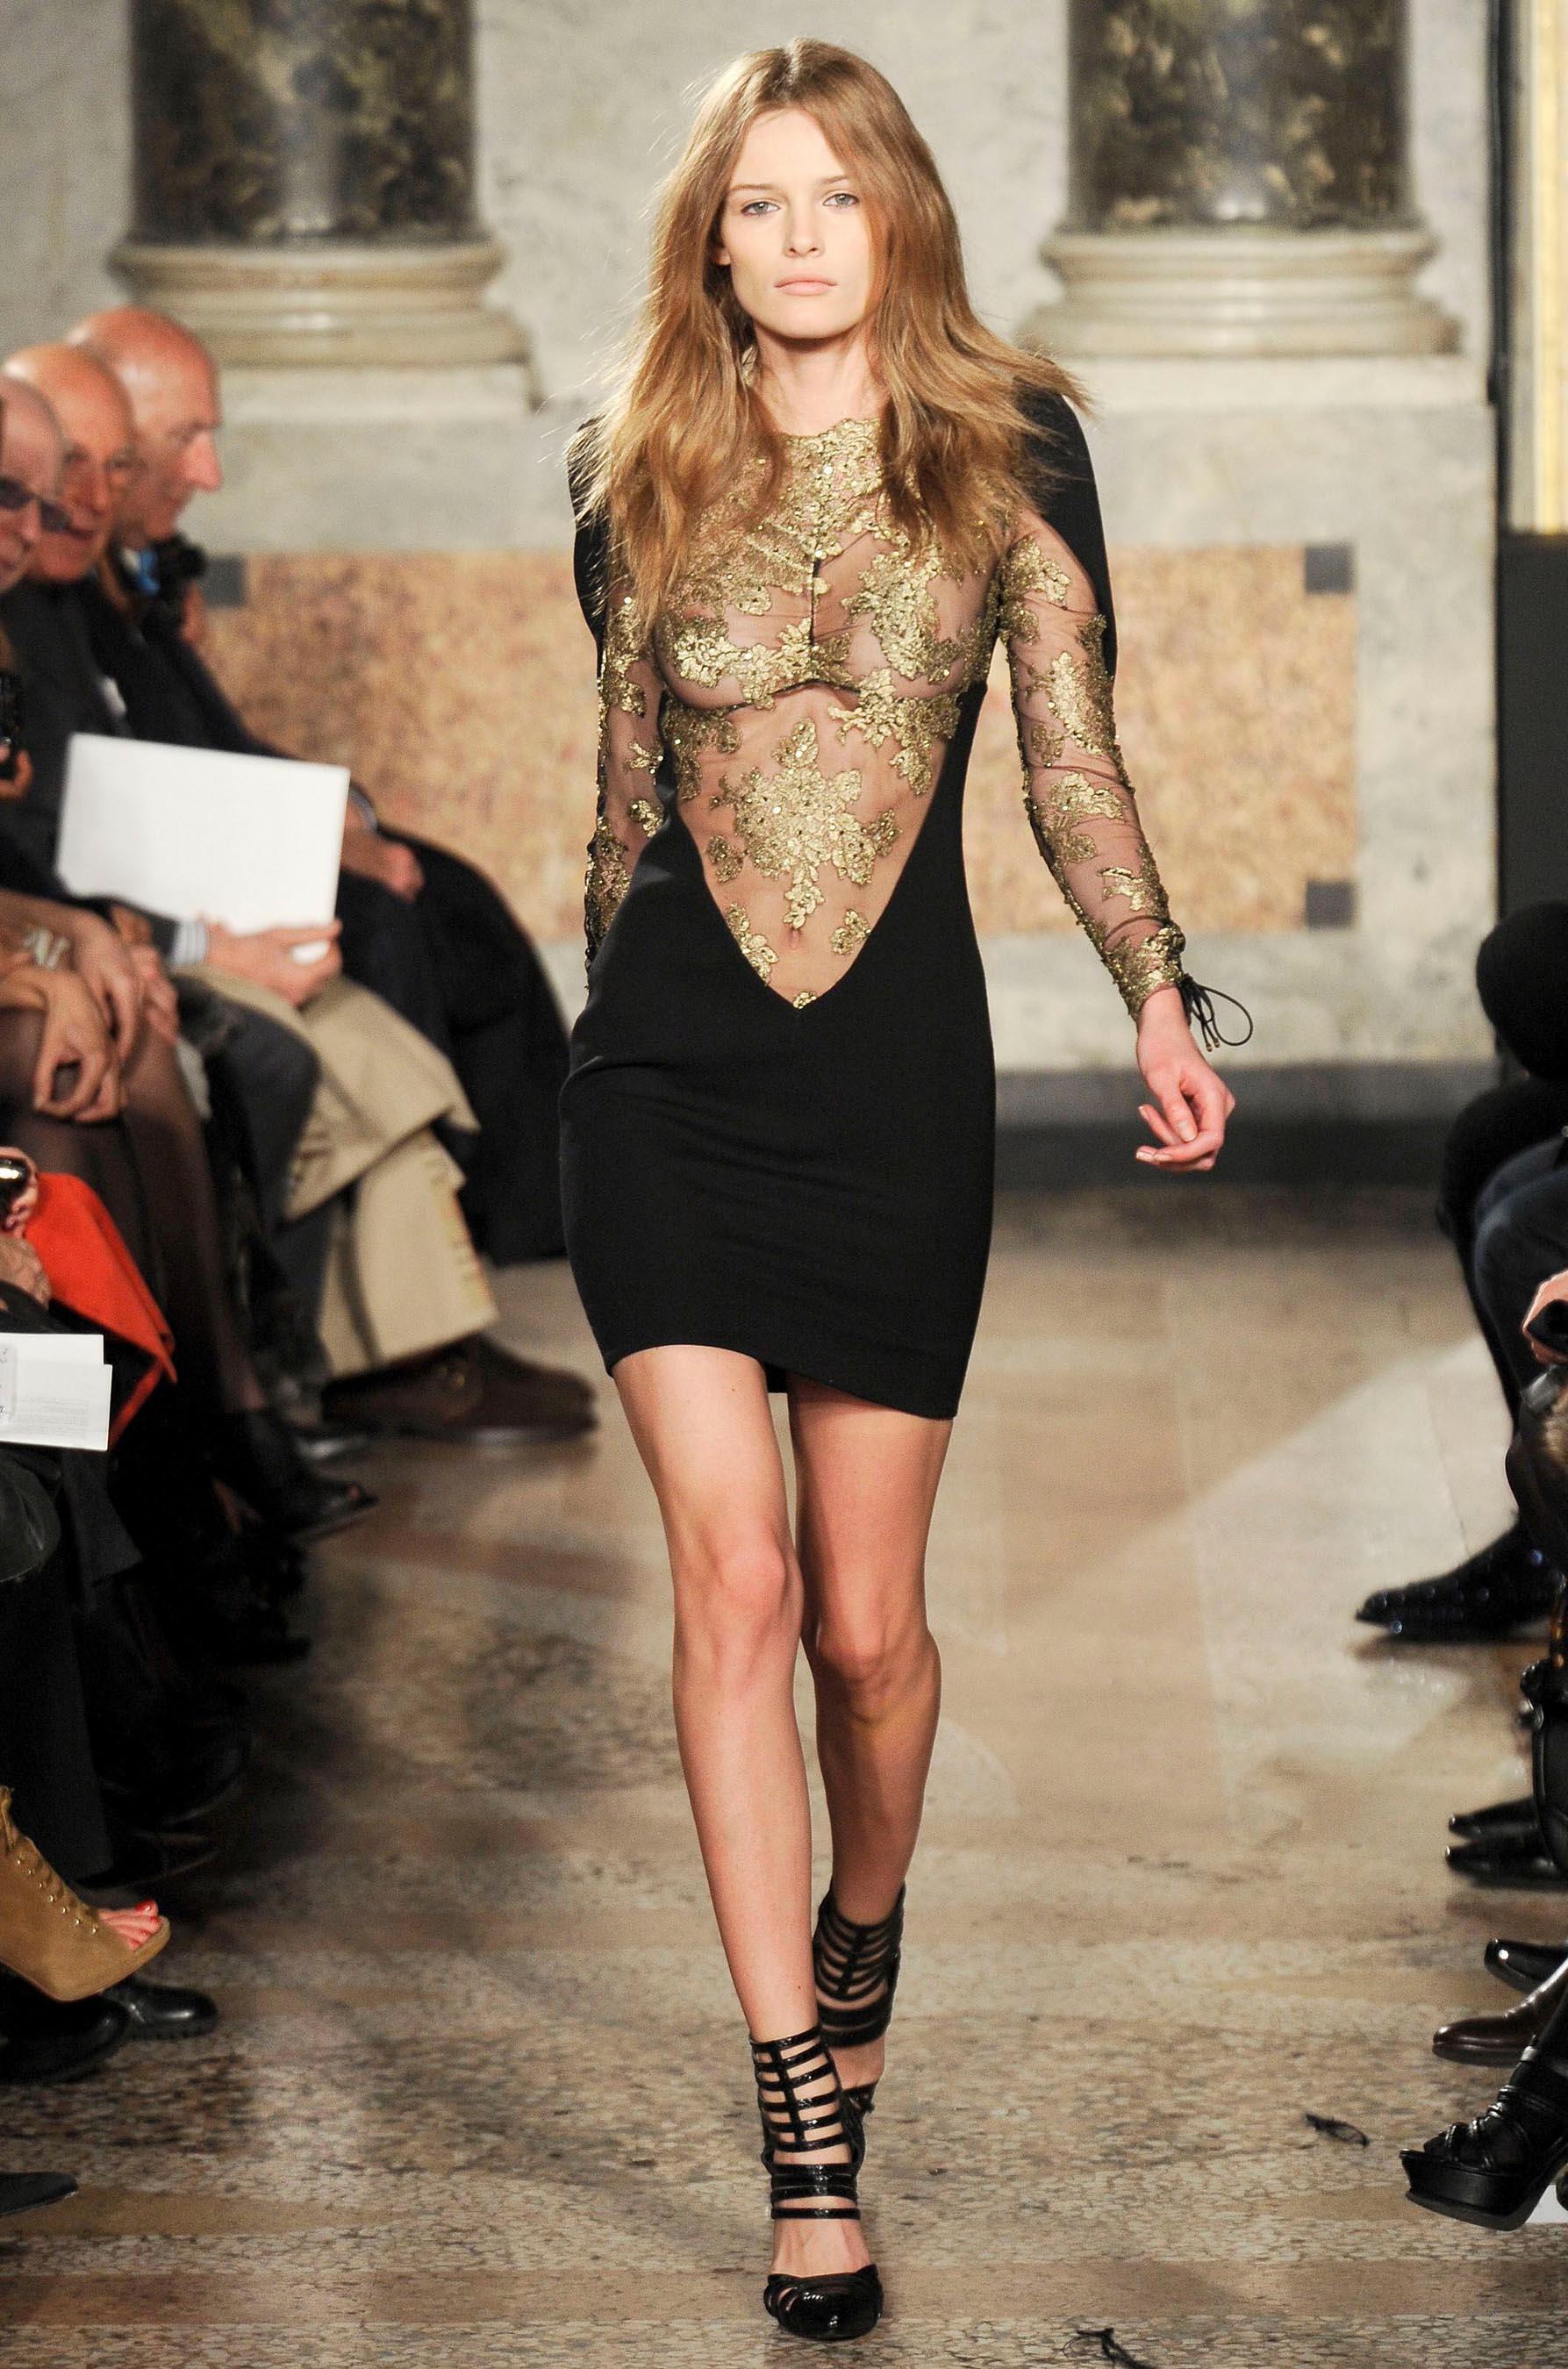 Модные платья осень-зима 2010-2011 Если вы ждете грандиозных изменений в модном сезоне...